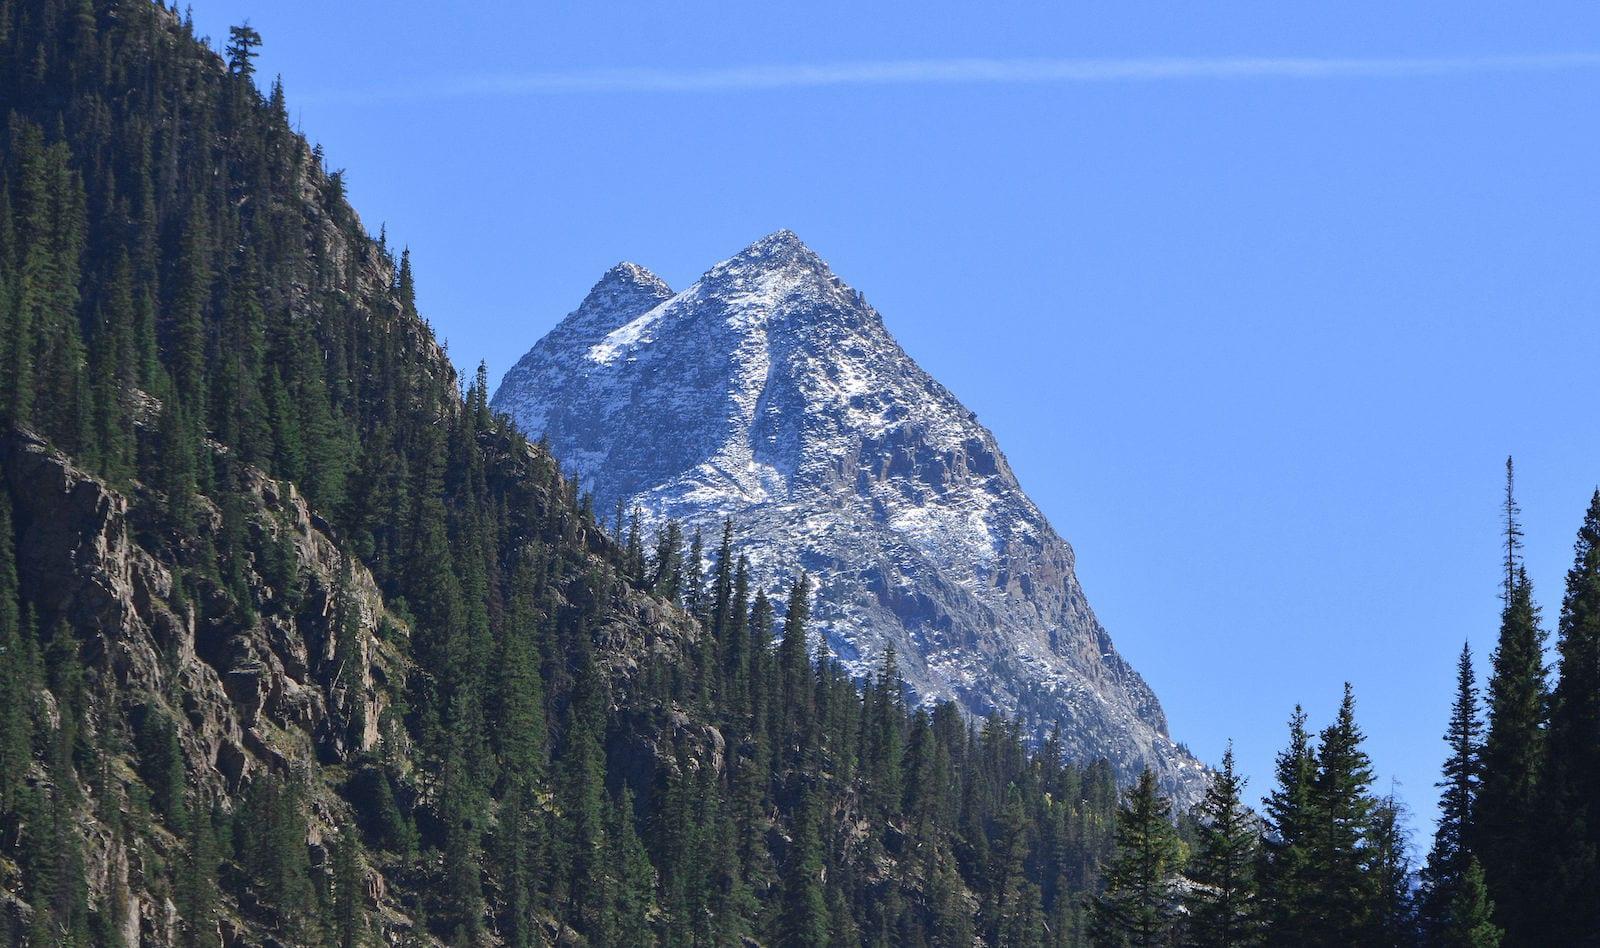 Famous Colorado Mountains Pyramid Peak